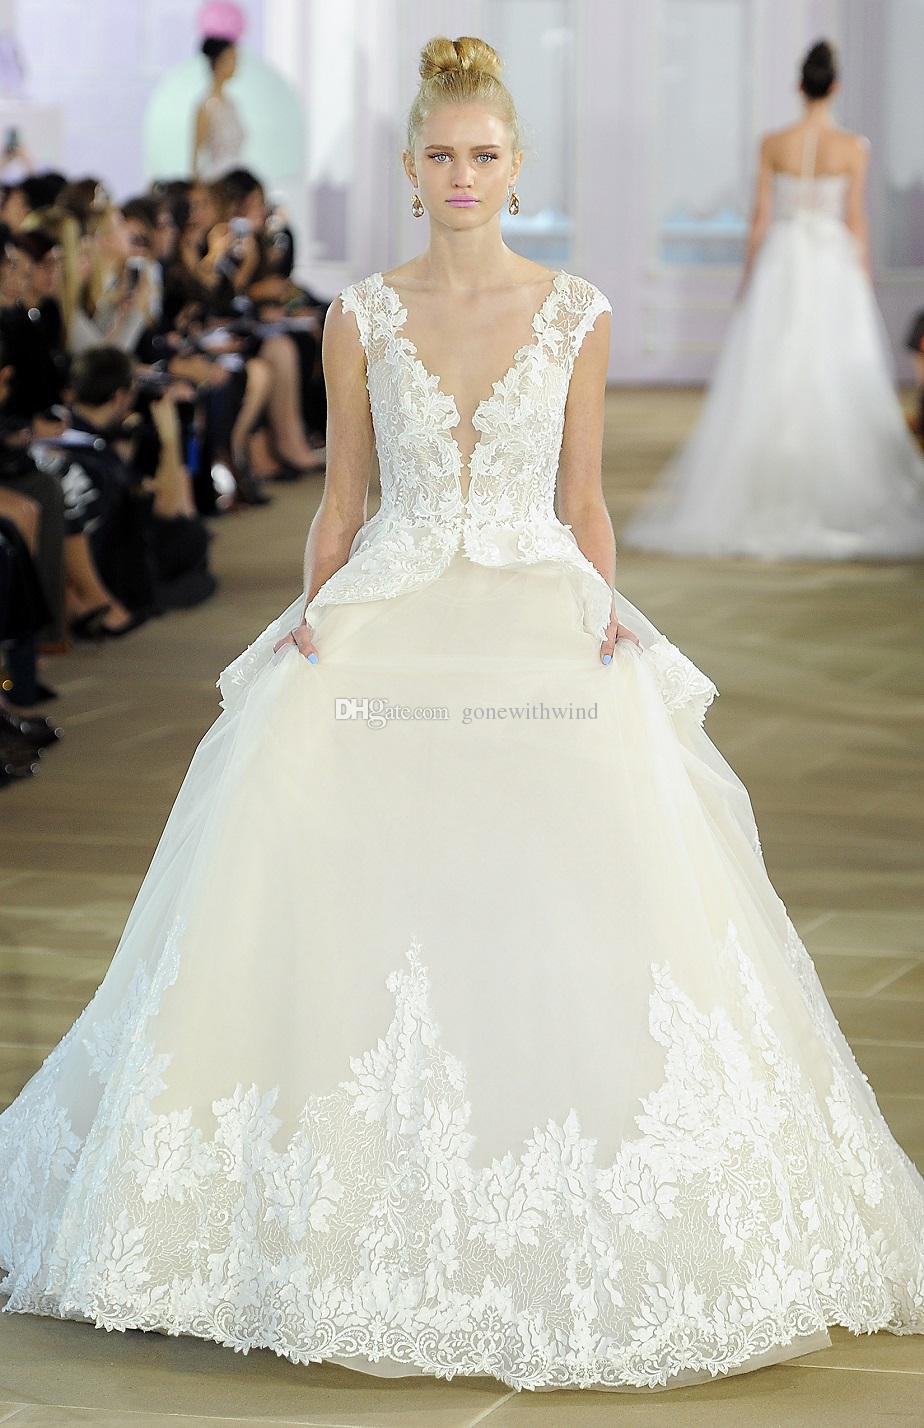 Peplum Overlay Ball Gown Wedding Dresses 2017 Sleeveless Textured ...